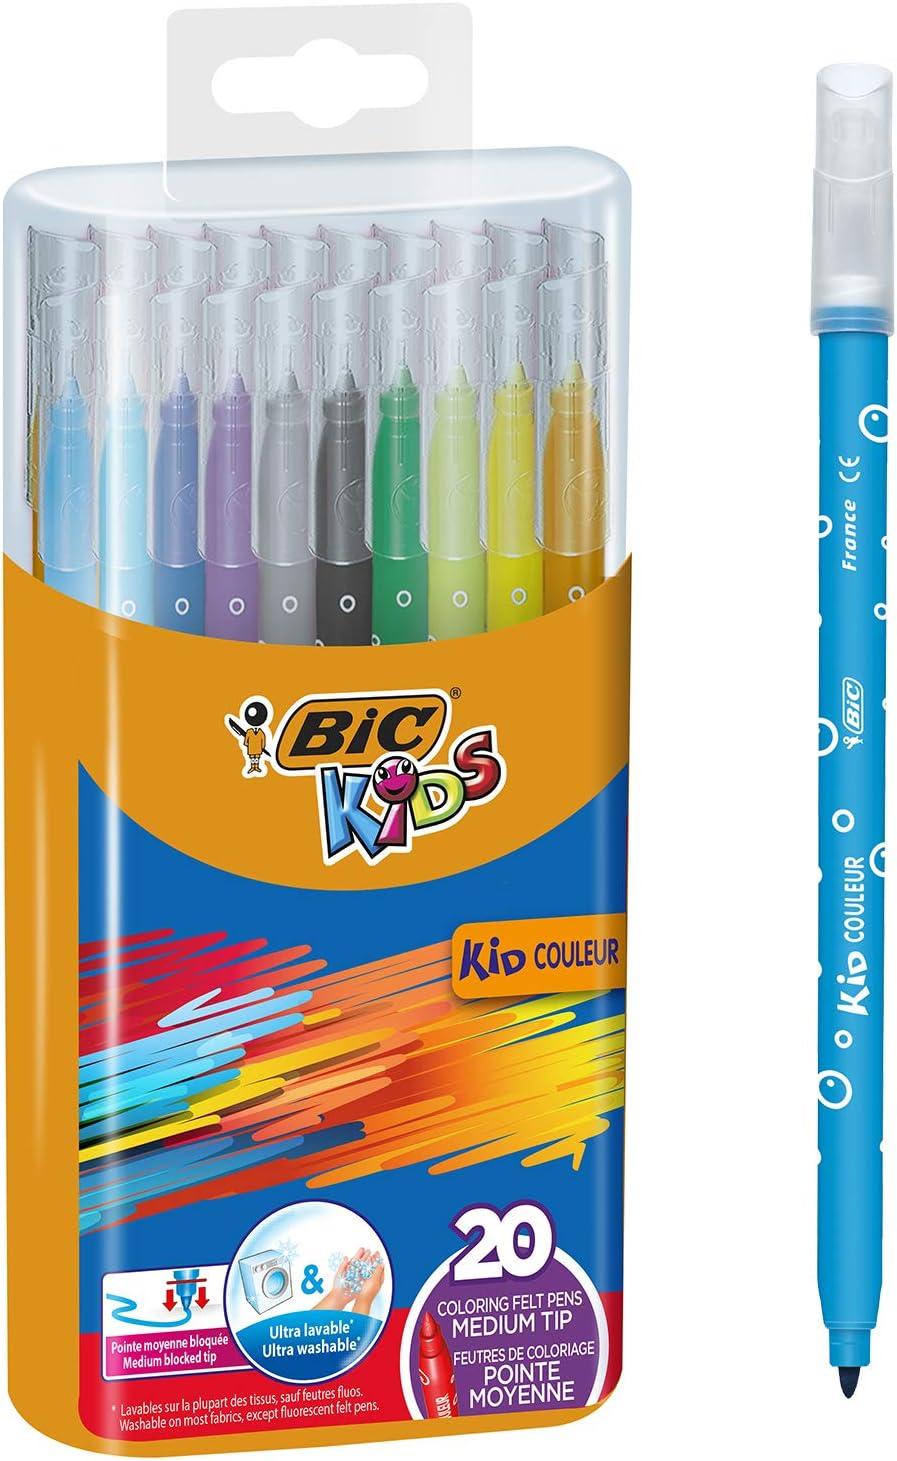 BIC Kids Kid Couleur - Pack de 20 rotuladores de colorear para ...